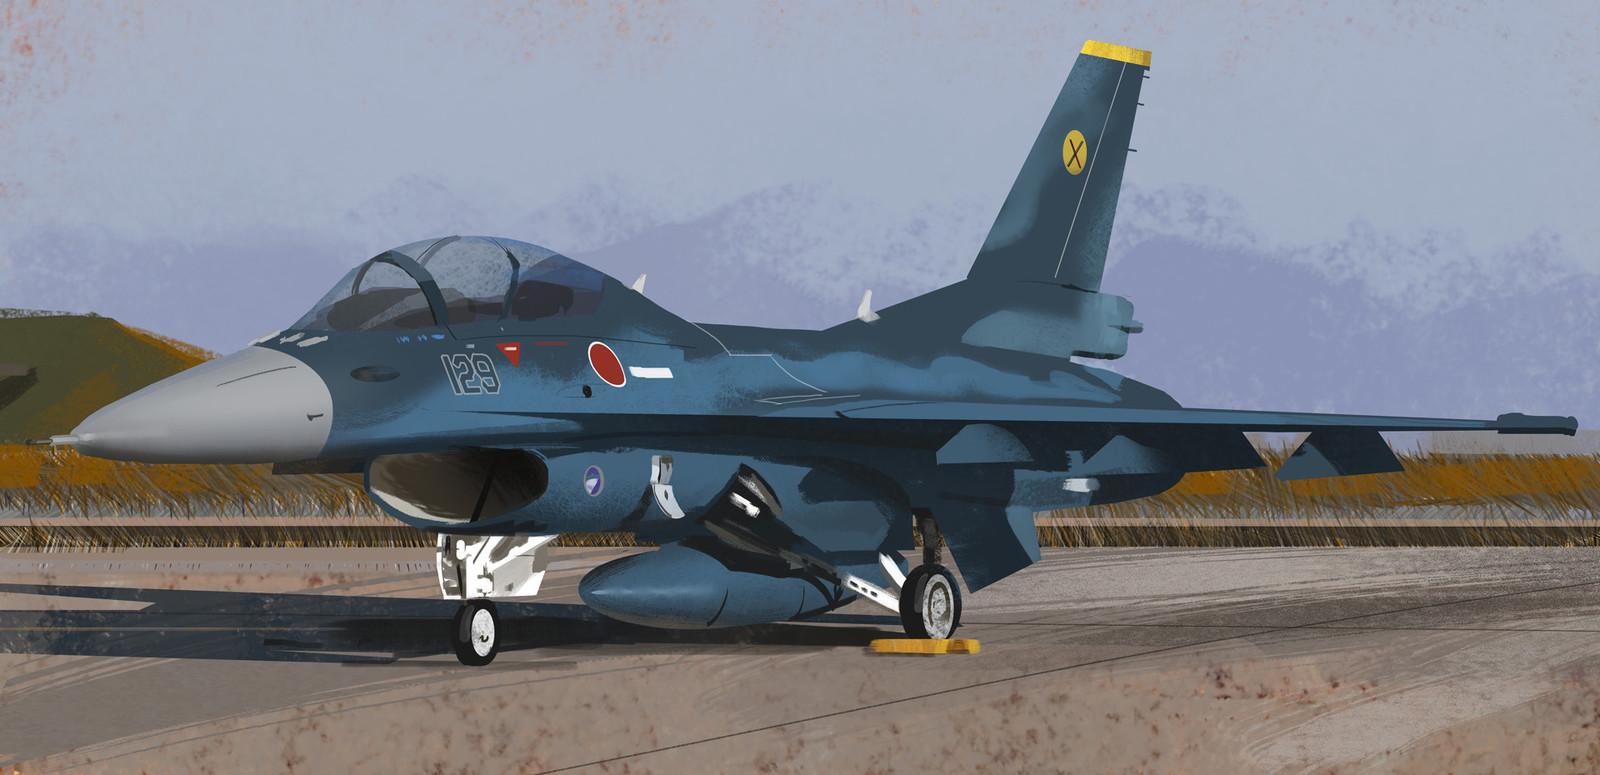 Mitsubishi F2 Runway Study